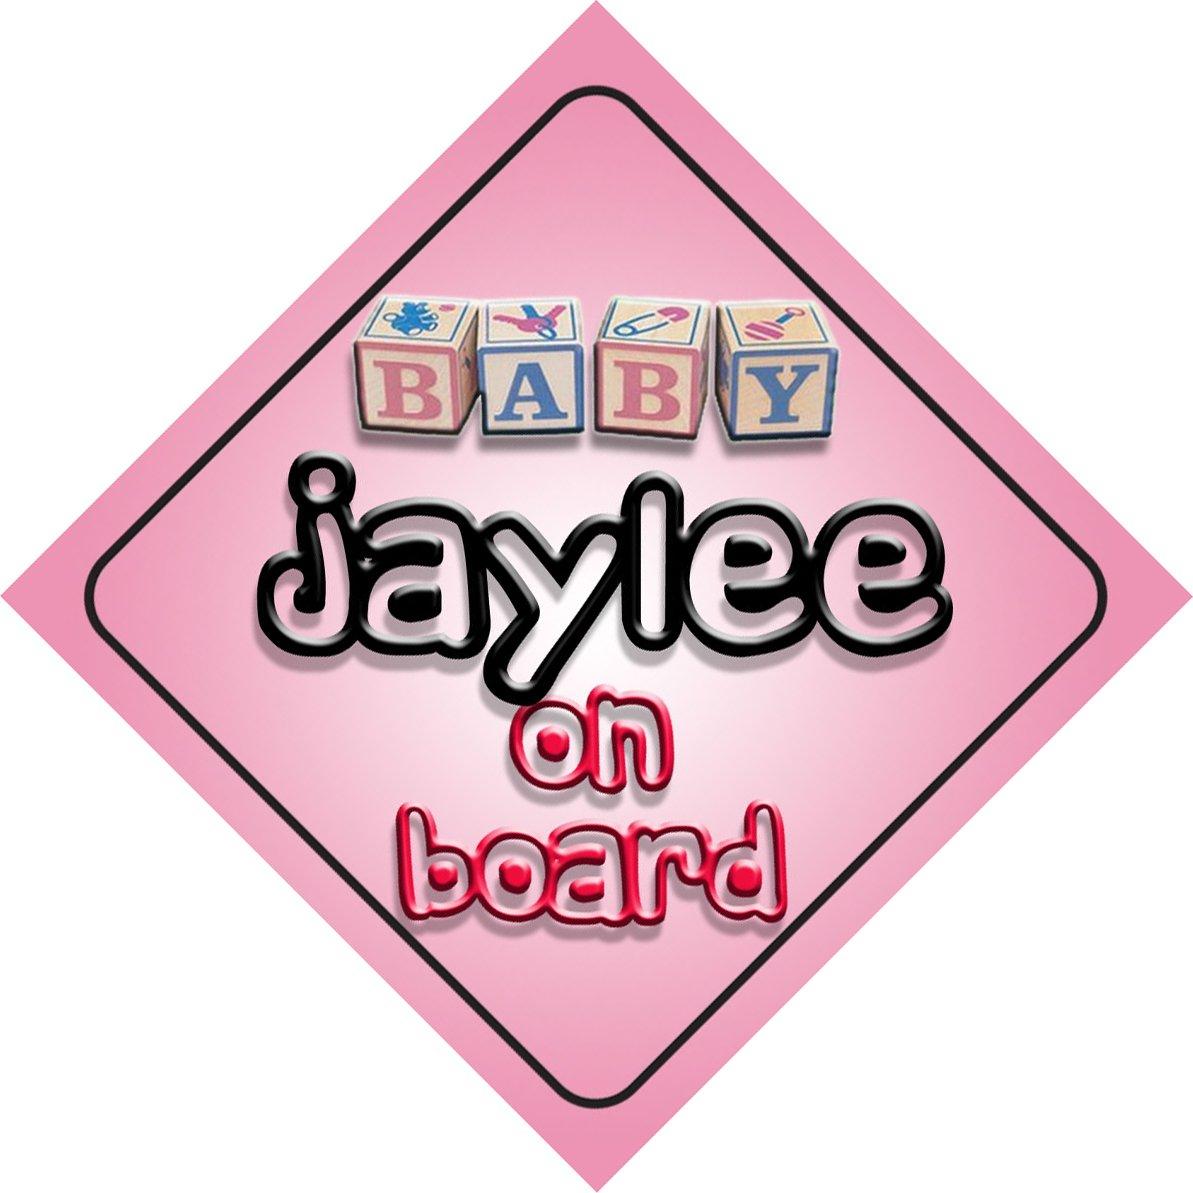 Bébé Fille Jaylee on Board fantaisie Panneau de voiture Cadeau/cadeau pour nouveau/enfant nouveau-né